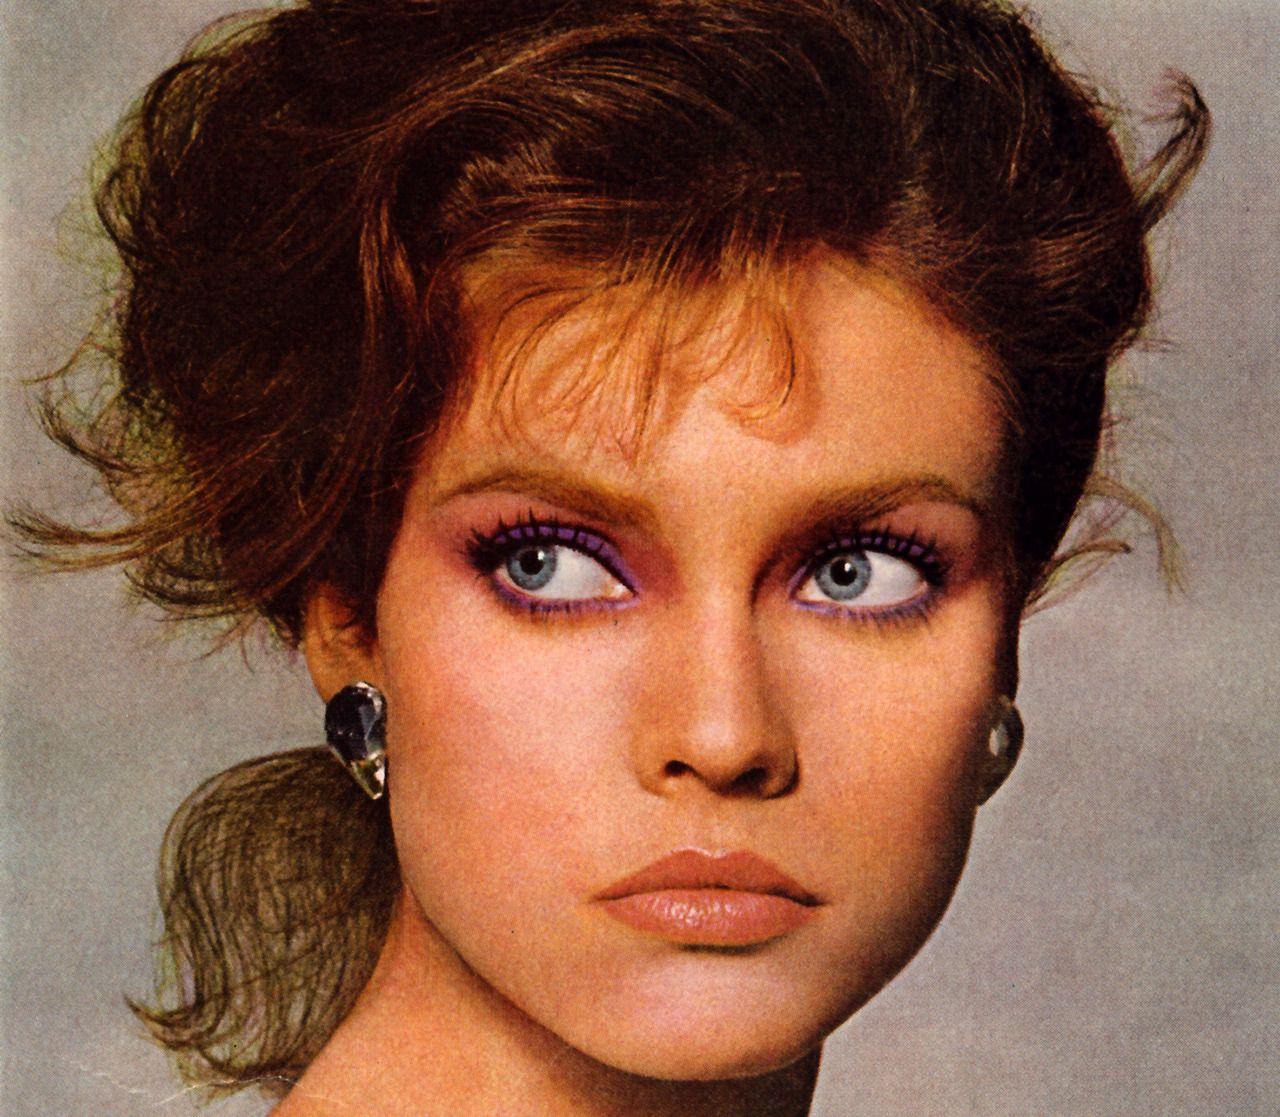 Helena Rubenstein, Mademoiselle magazine, September 1980.